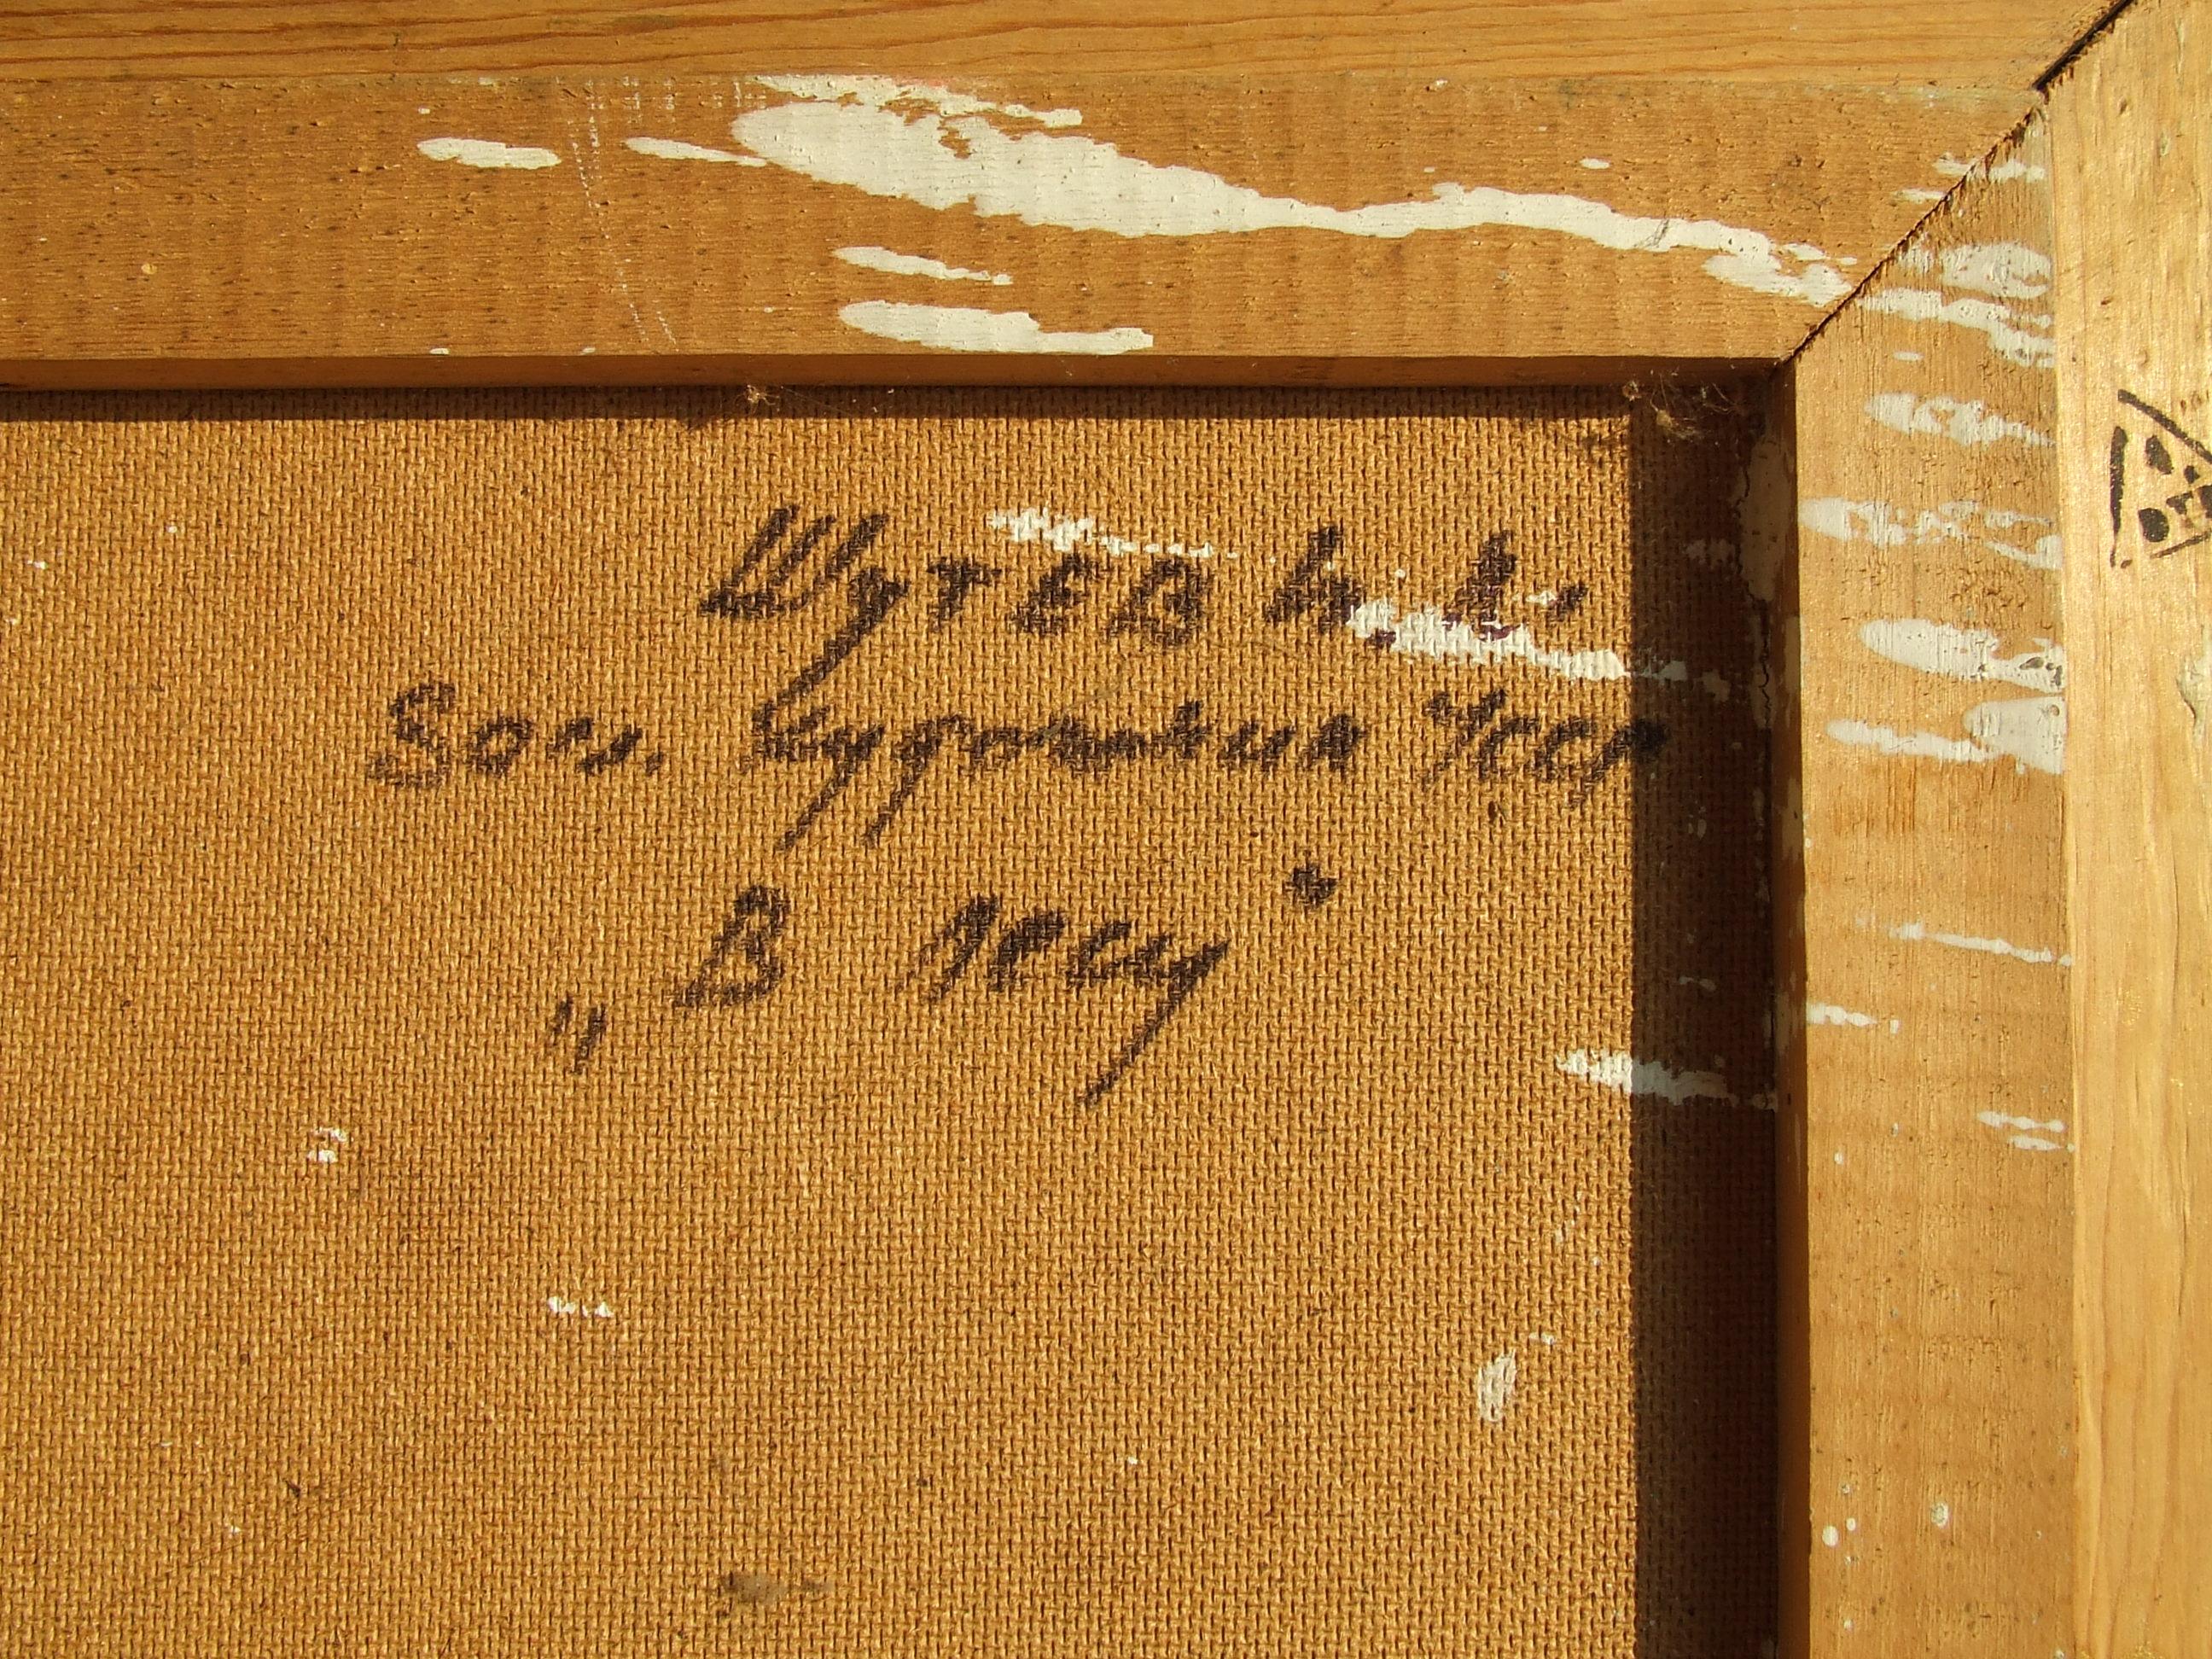 Пейзаж 55-45 см., картон, масло 1977 год  - 2